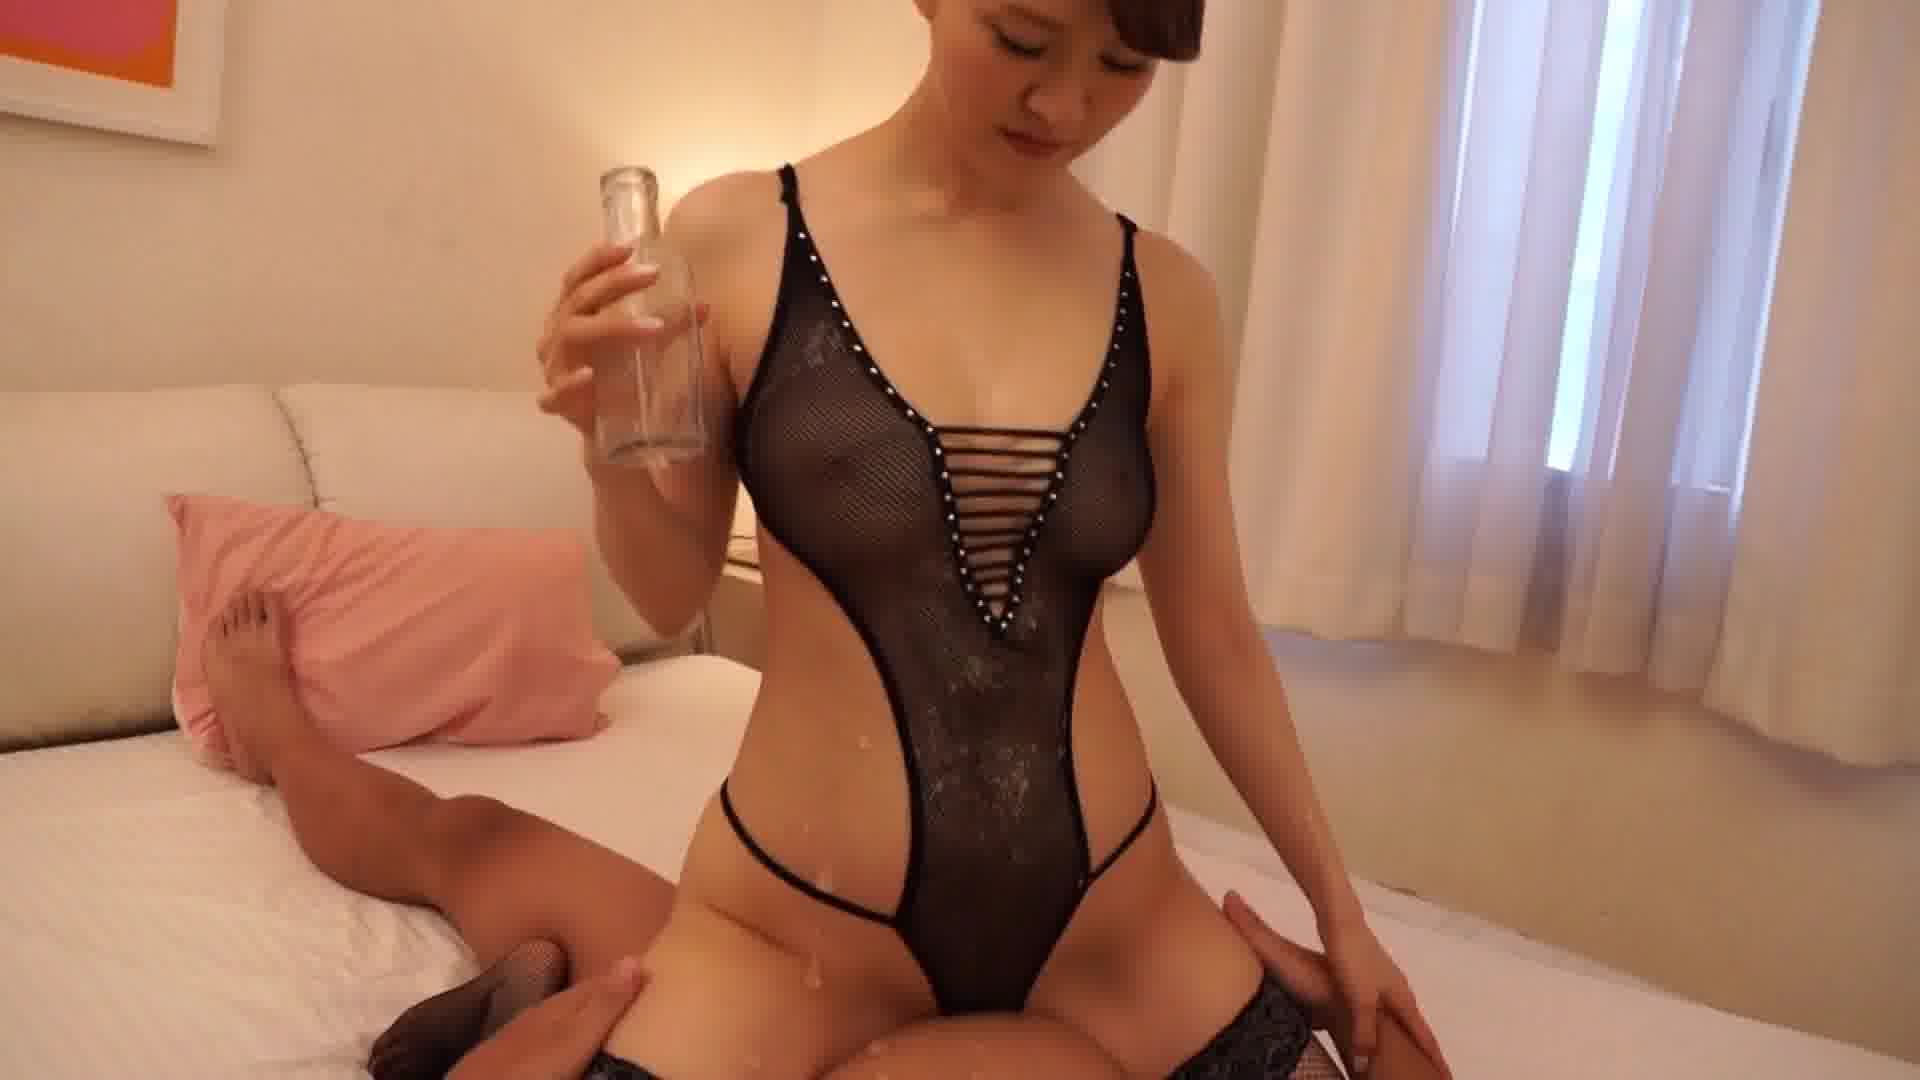 ヌルテカ痴女の猛烈交尾 - 立花瑠莉【巨乳・パイズリ・中出し】